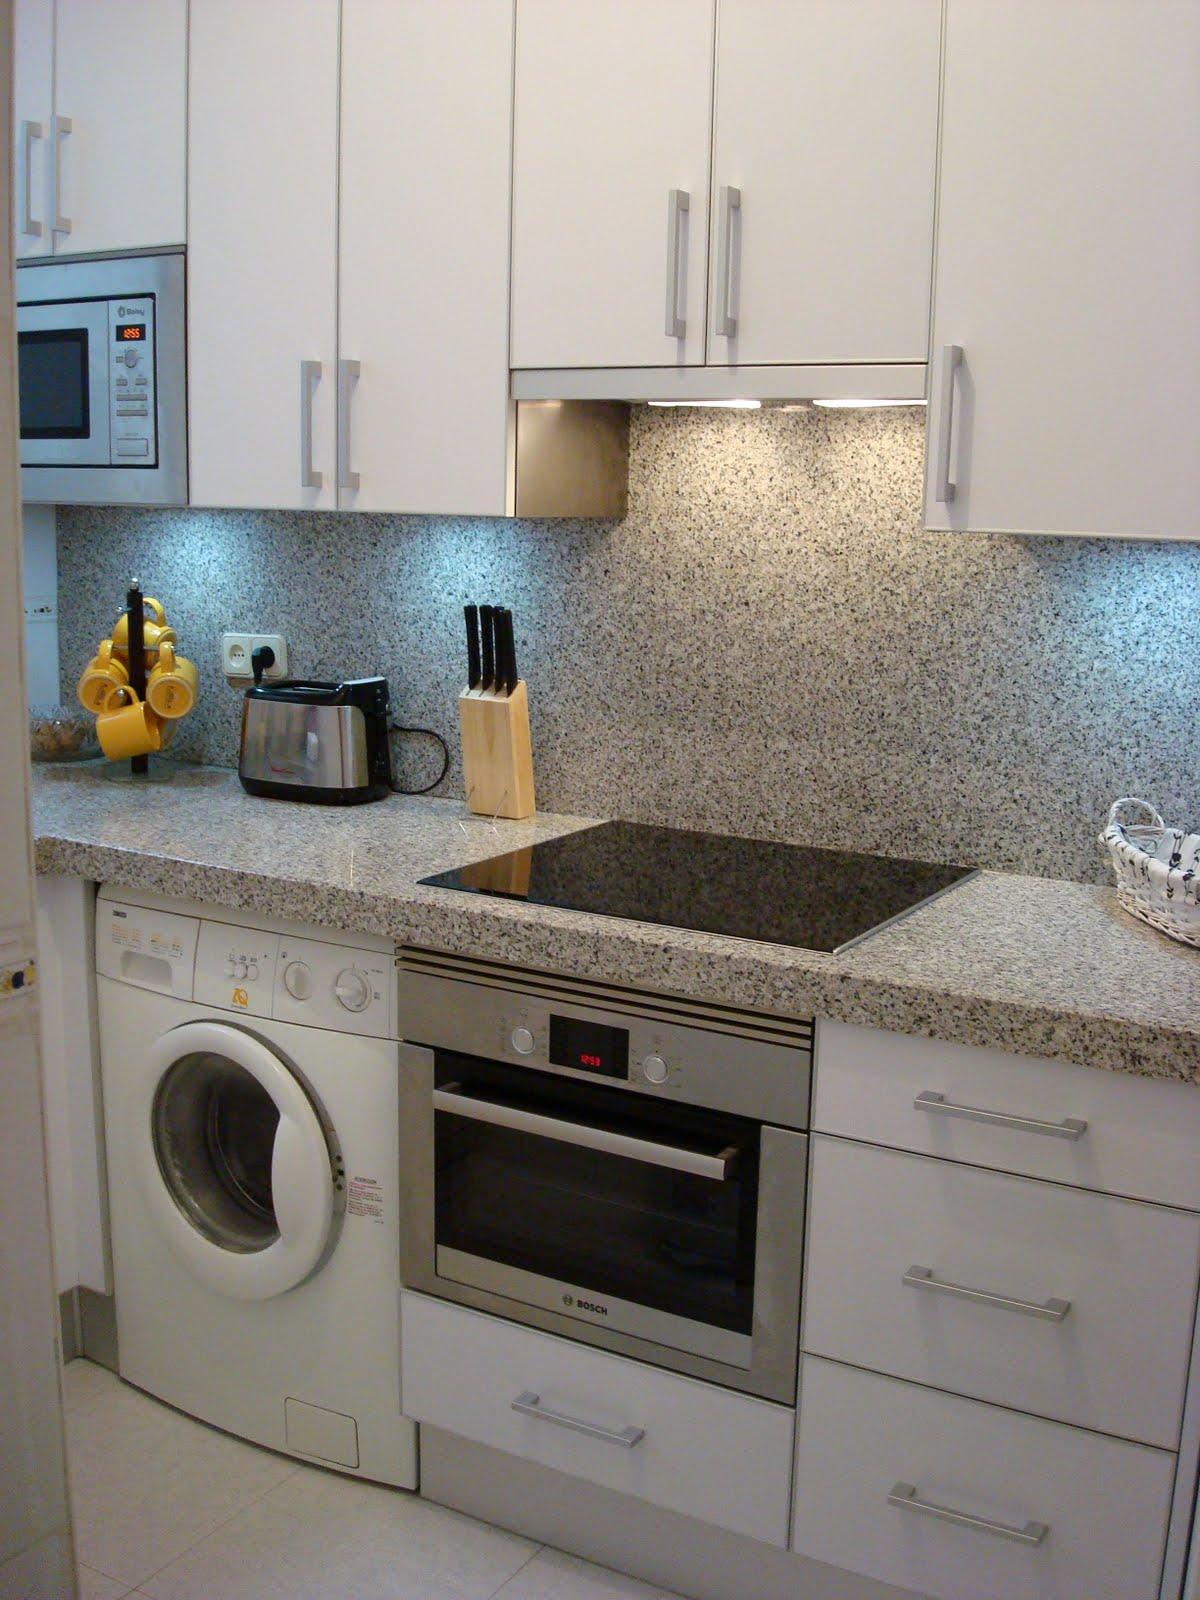 Dise o y decoraci n de cocinas una cocina blanca bien - Cocinas blancas con granito ...